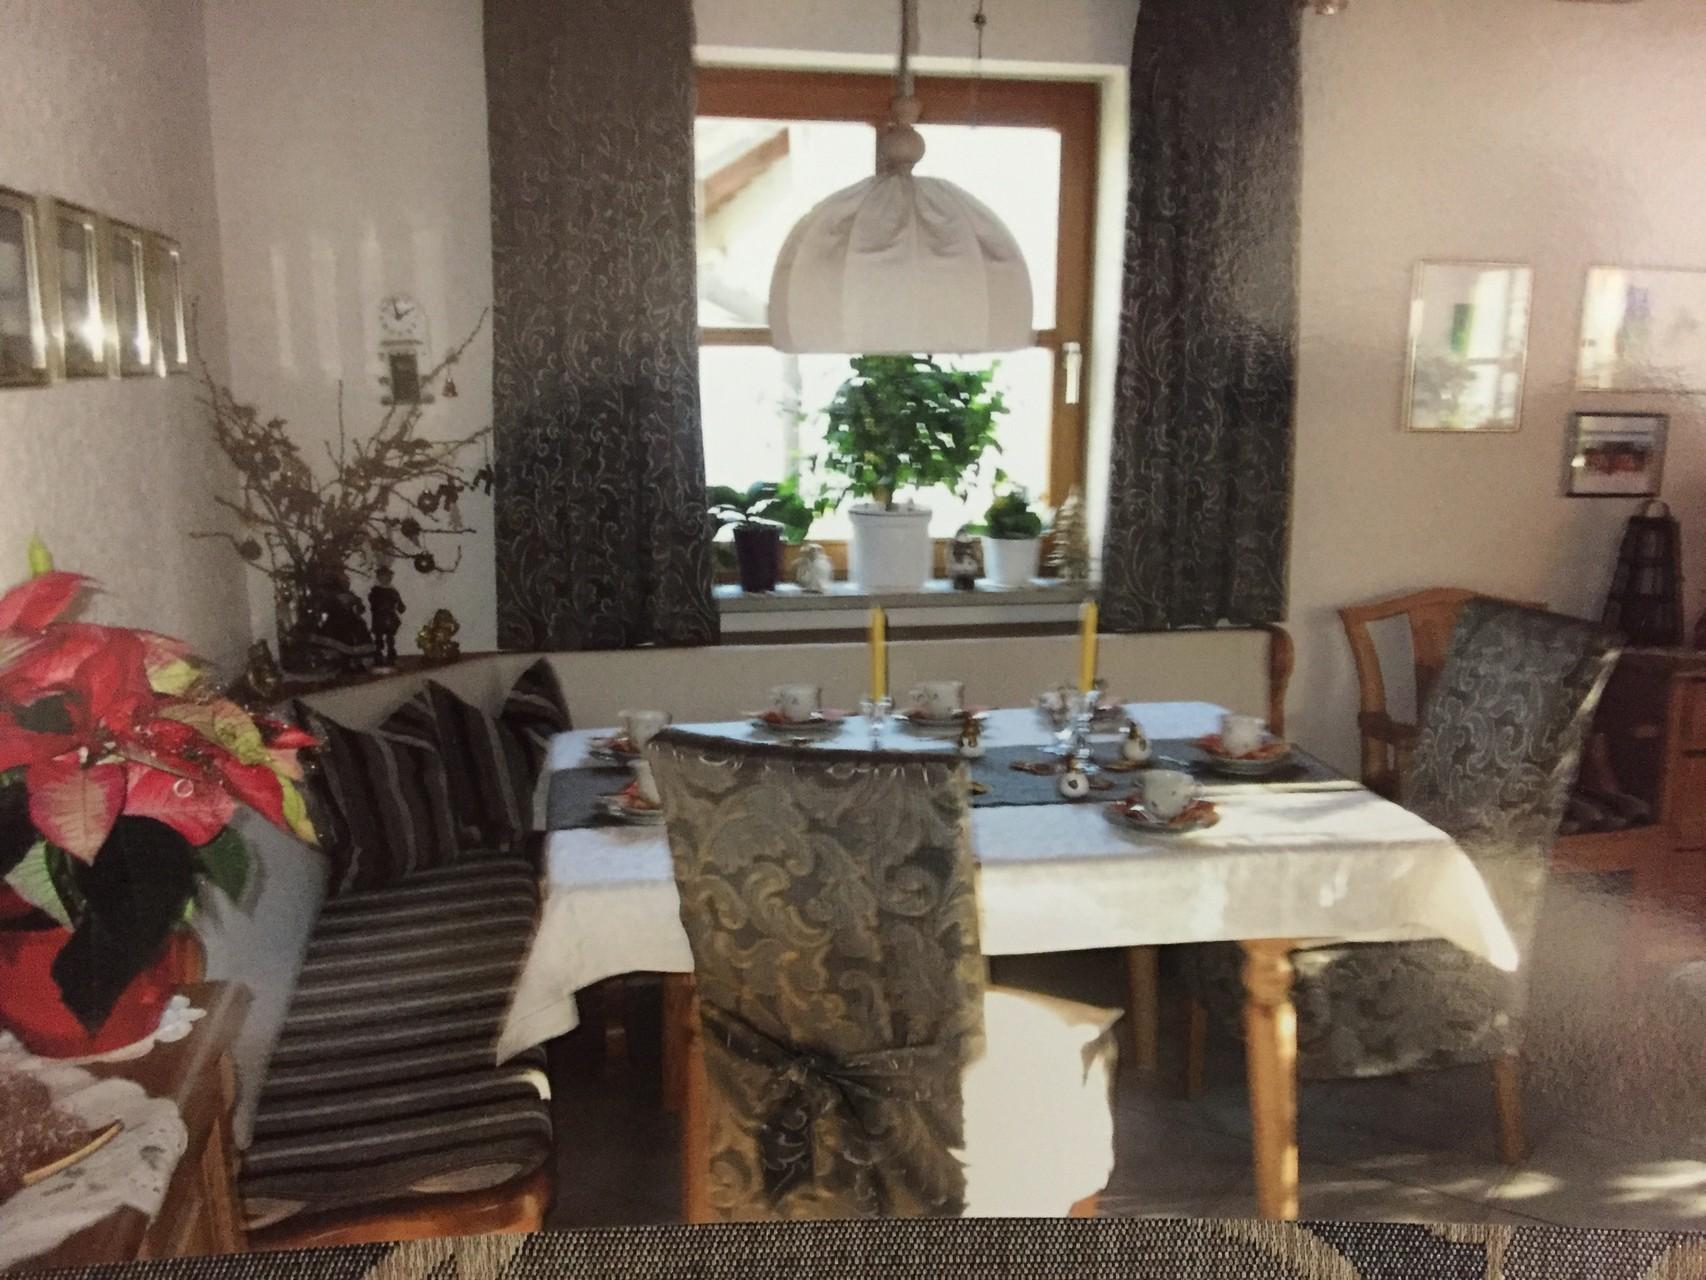 Stuhlhussen, Tischdecken und Eckbankpolster passend kombiniert